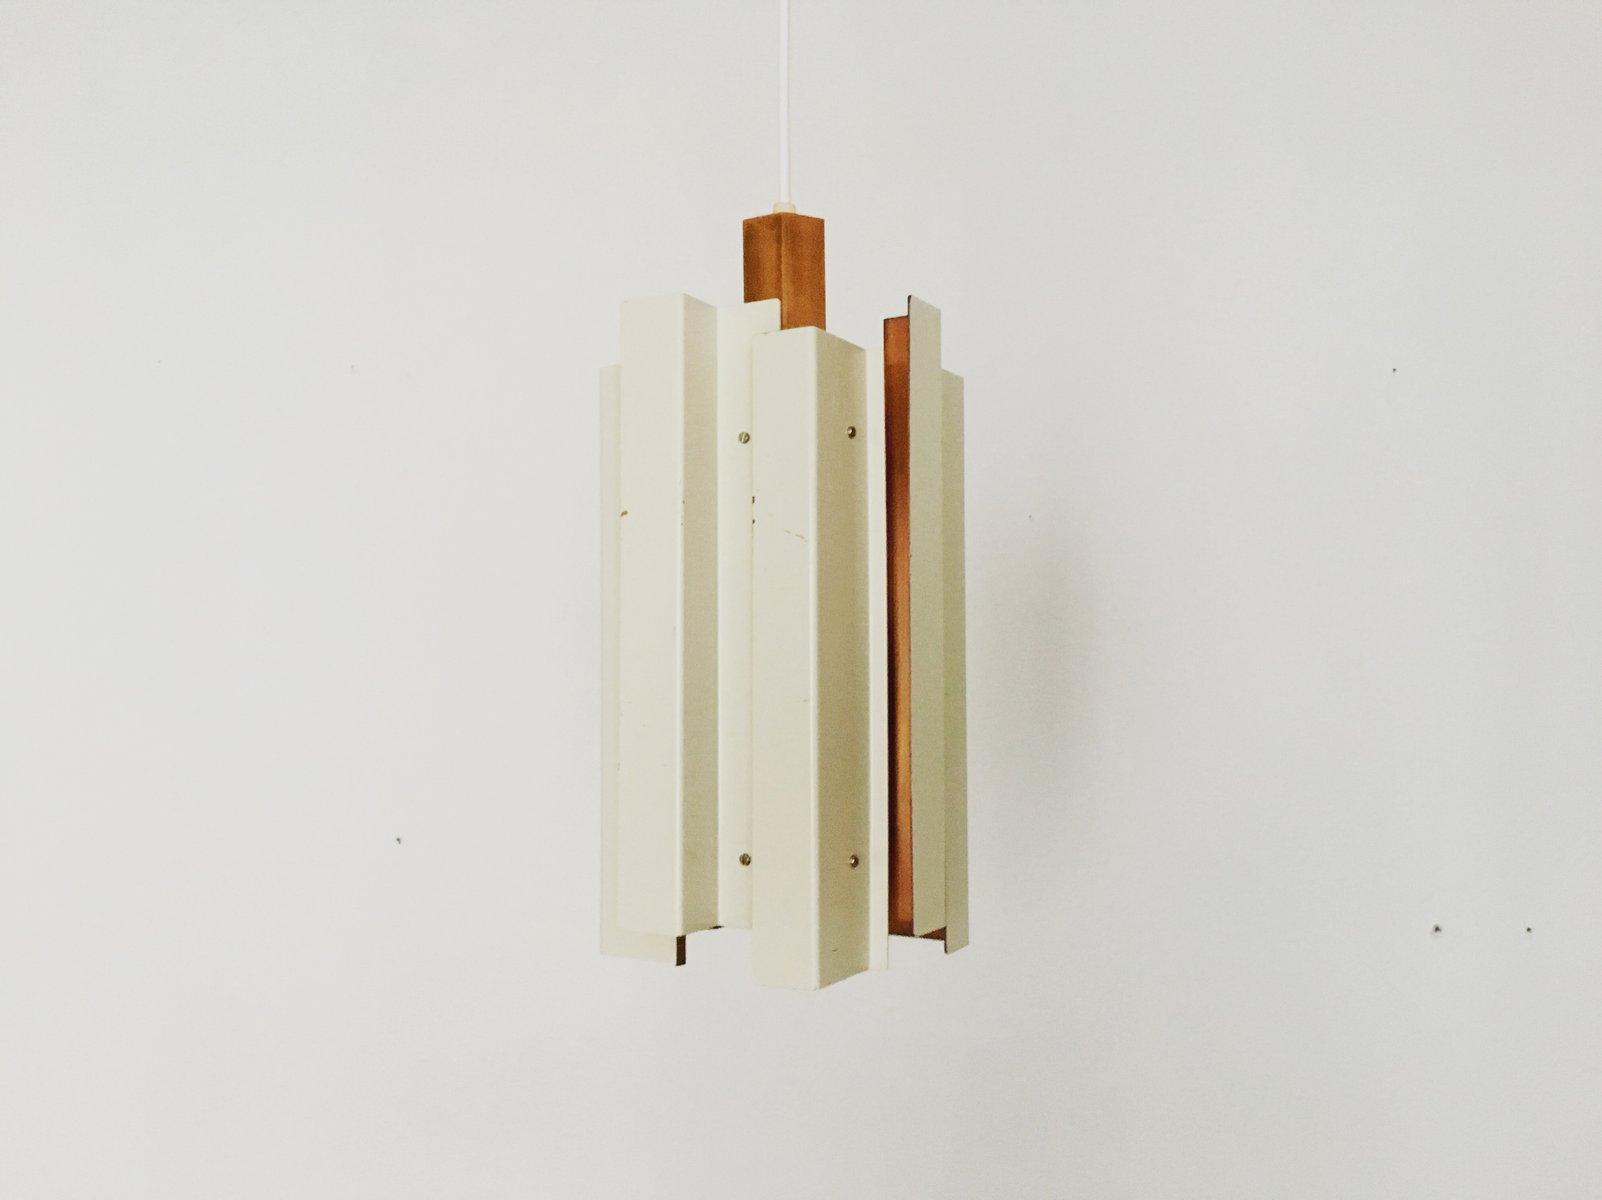 Lampada In Rame Design : Eleganza continentale del retro rame luci a parete home tv lampada